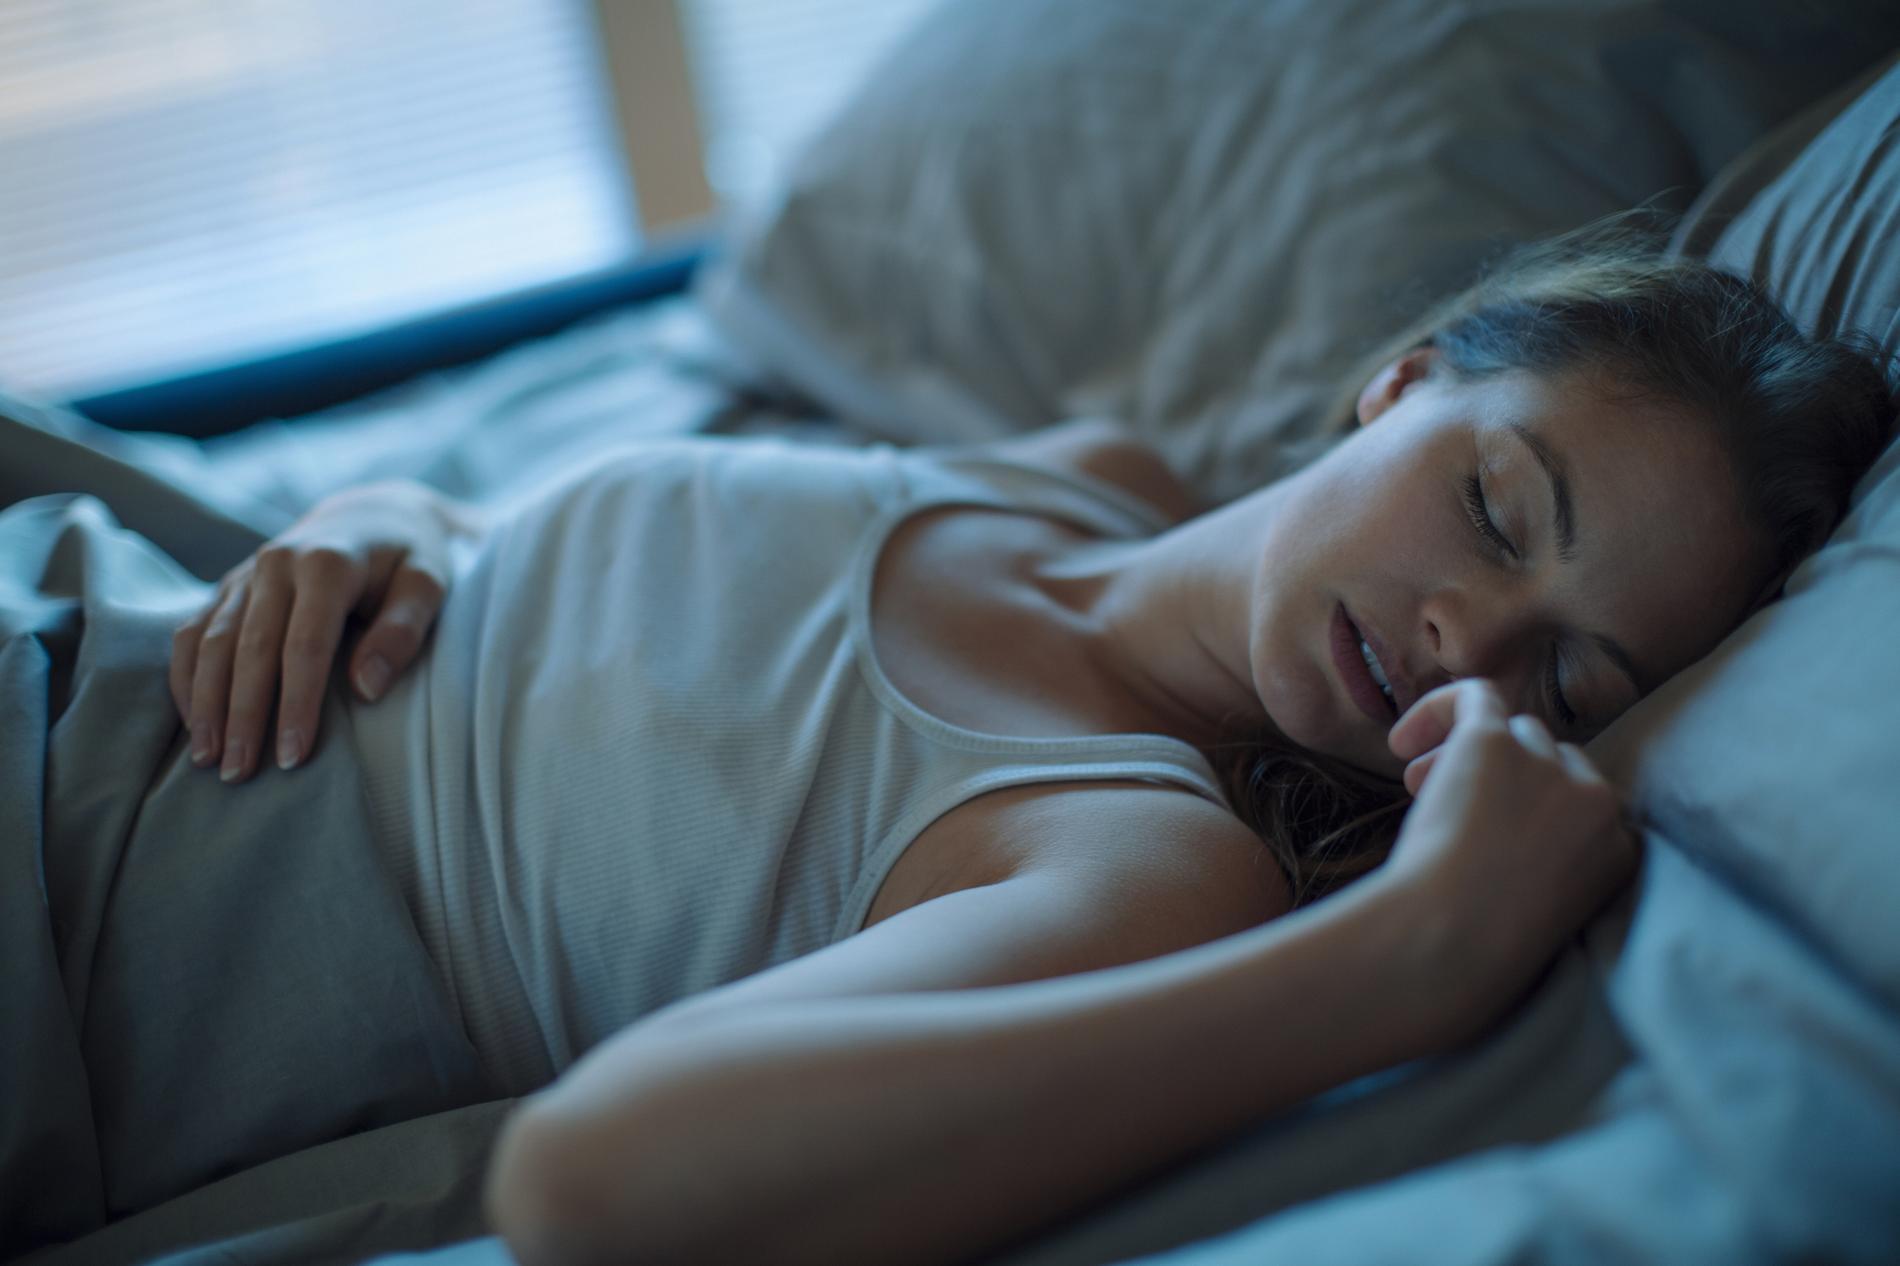 Sexe avec une fille endormie vidéo